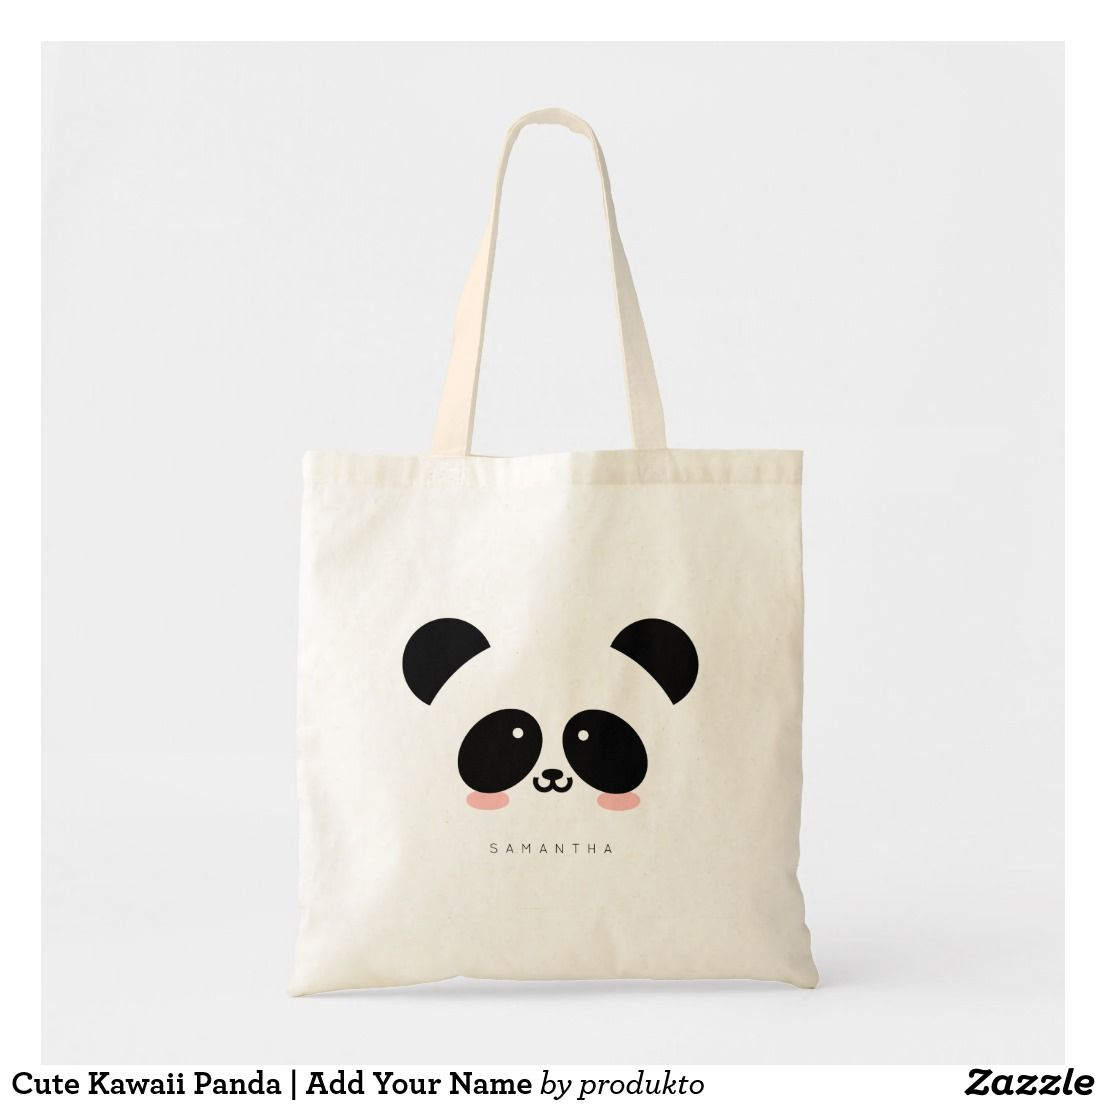 Cute Kawaii Panda Add Your Name Tote Bag